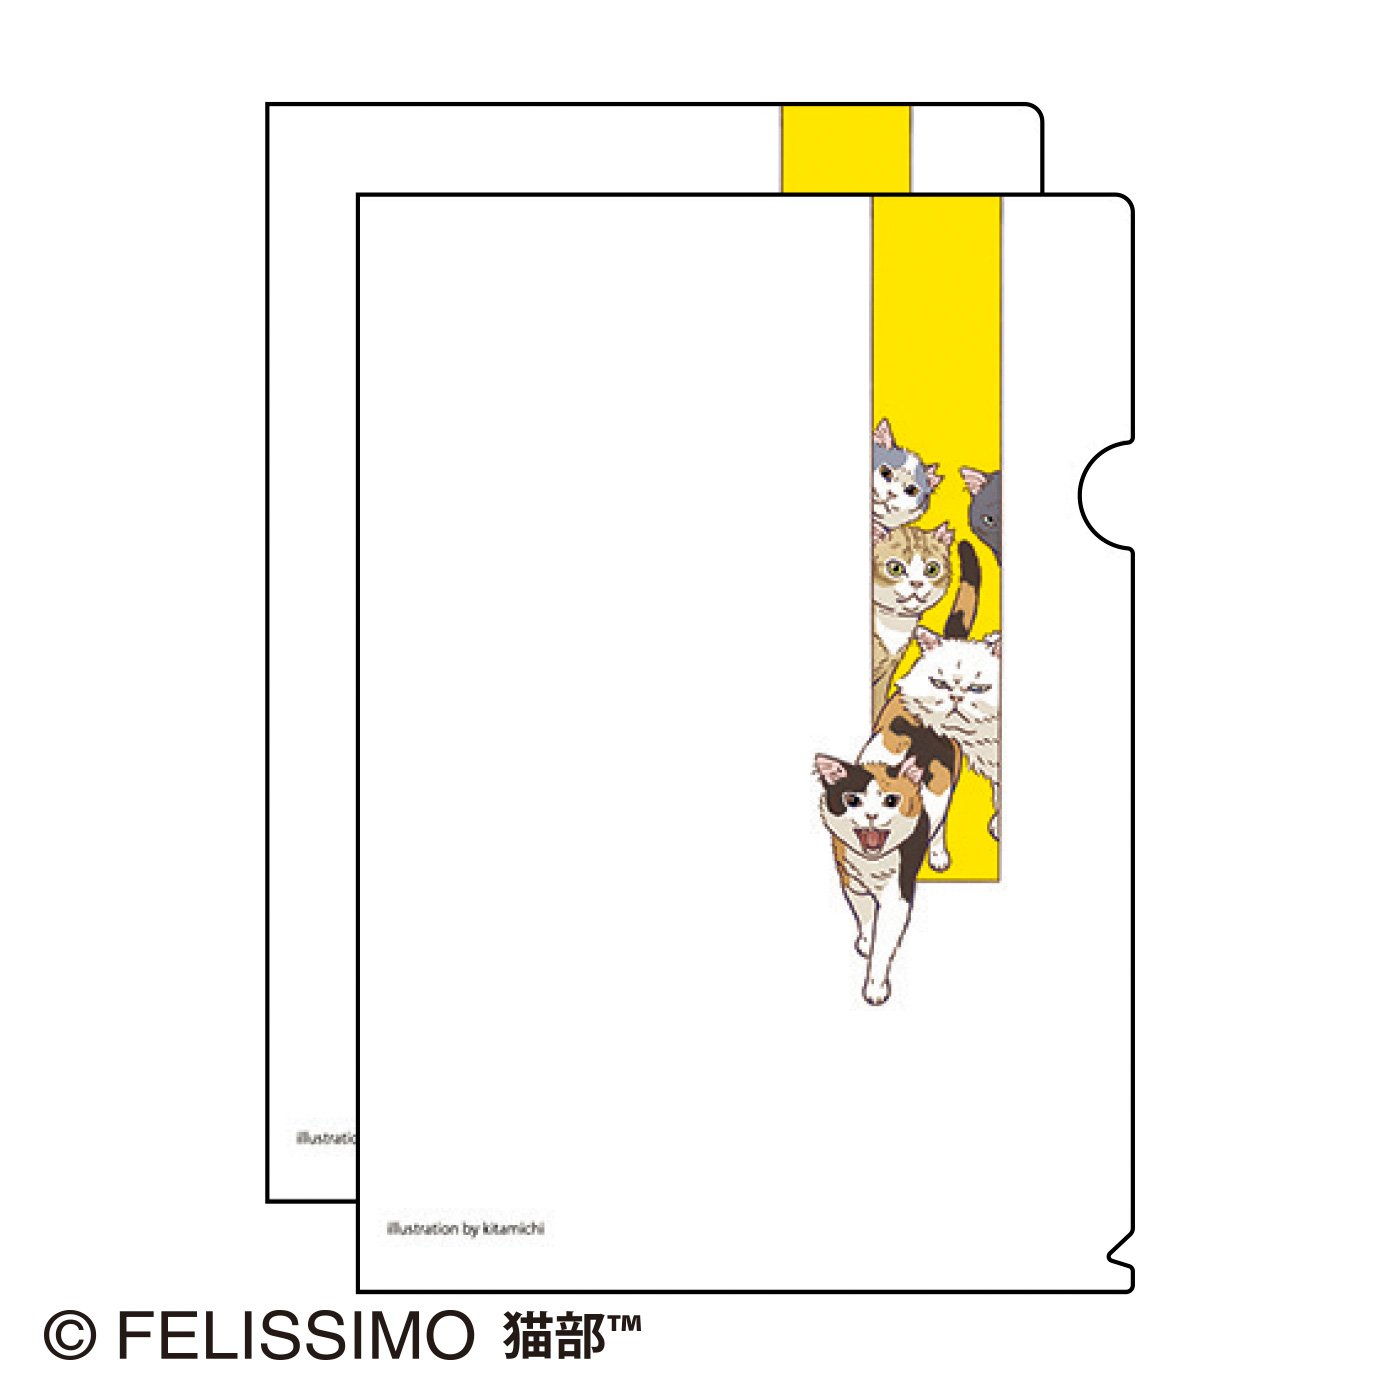 北道正幸×猫部 地域猫チャリティークリアファイル2021